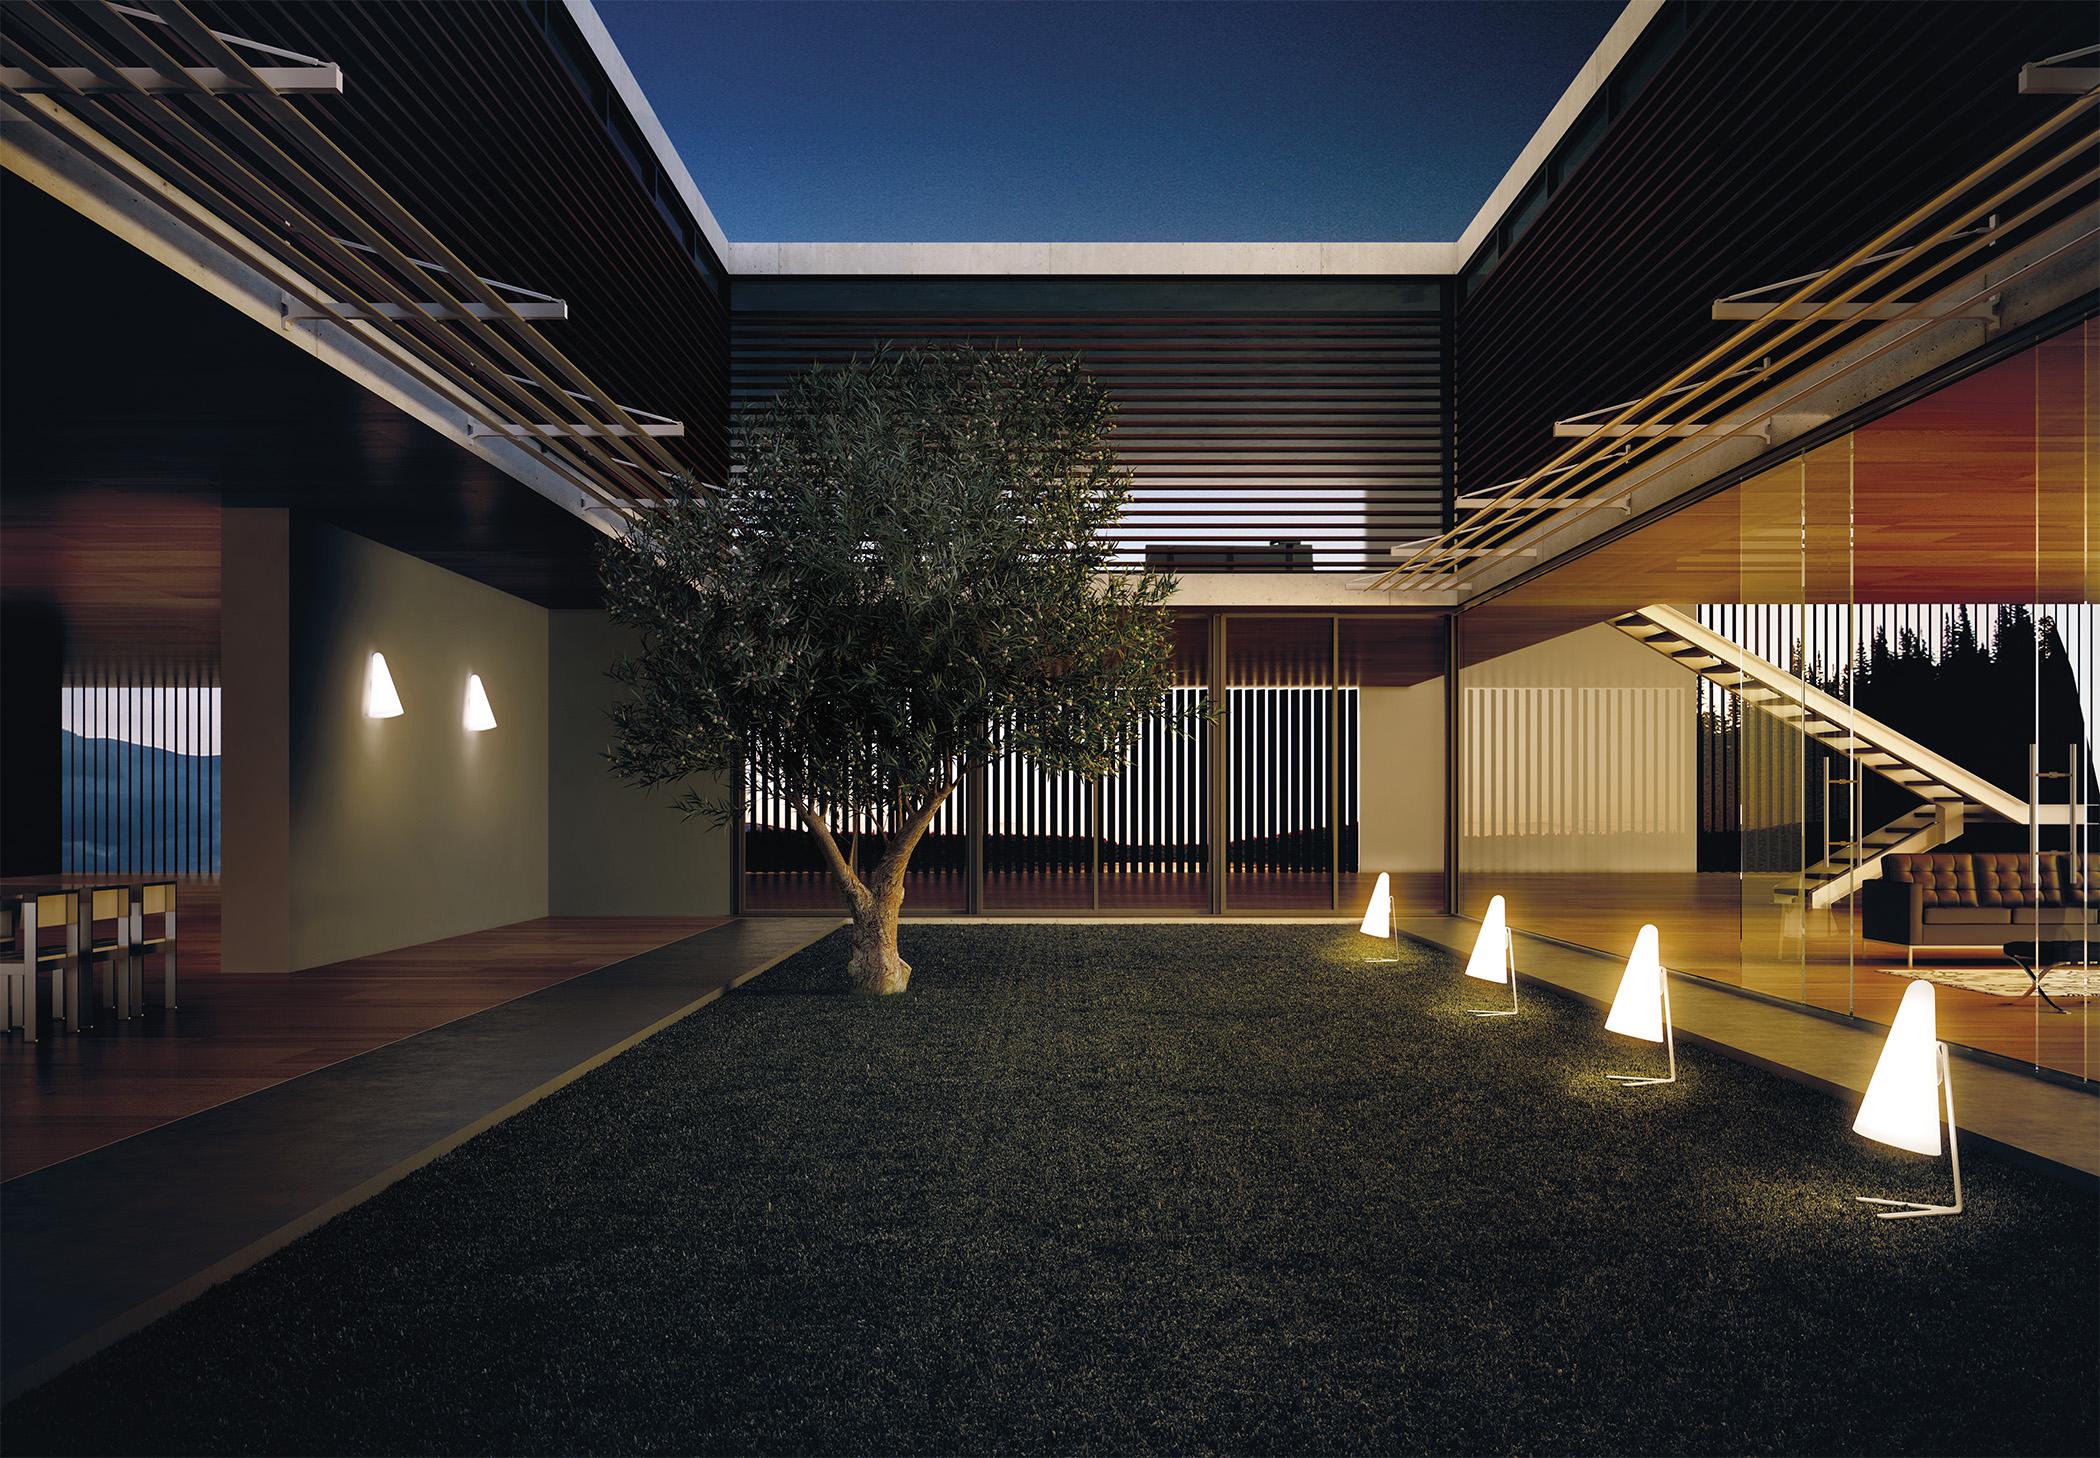 Nan A 3040lx Wall Lamp Estiluz Image Ambient 01 2